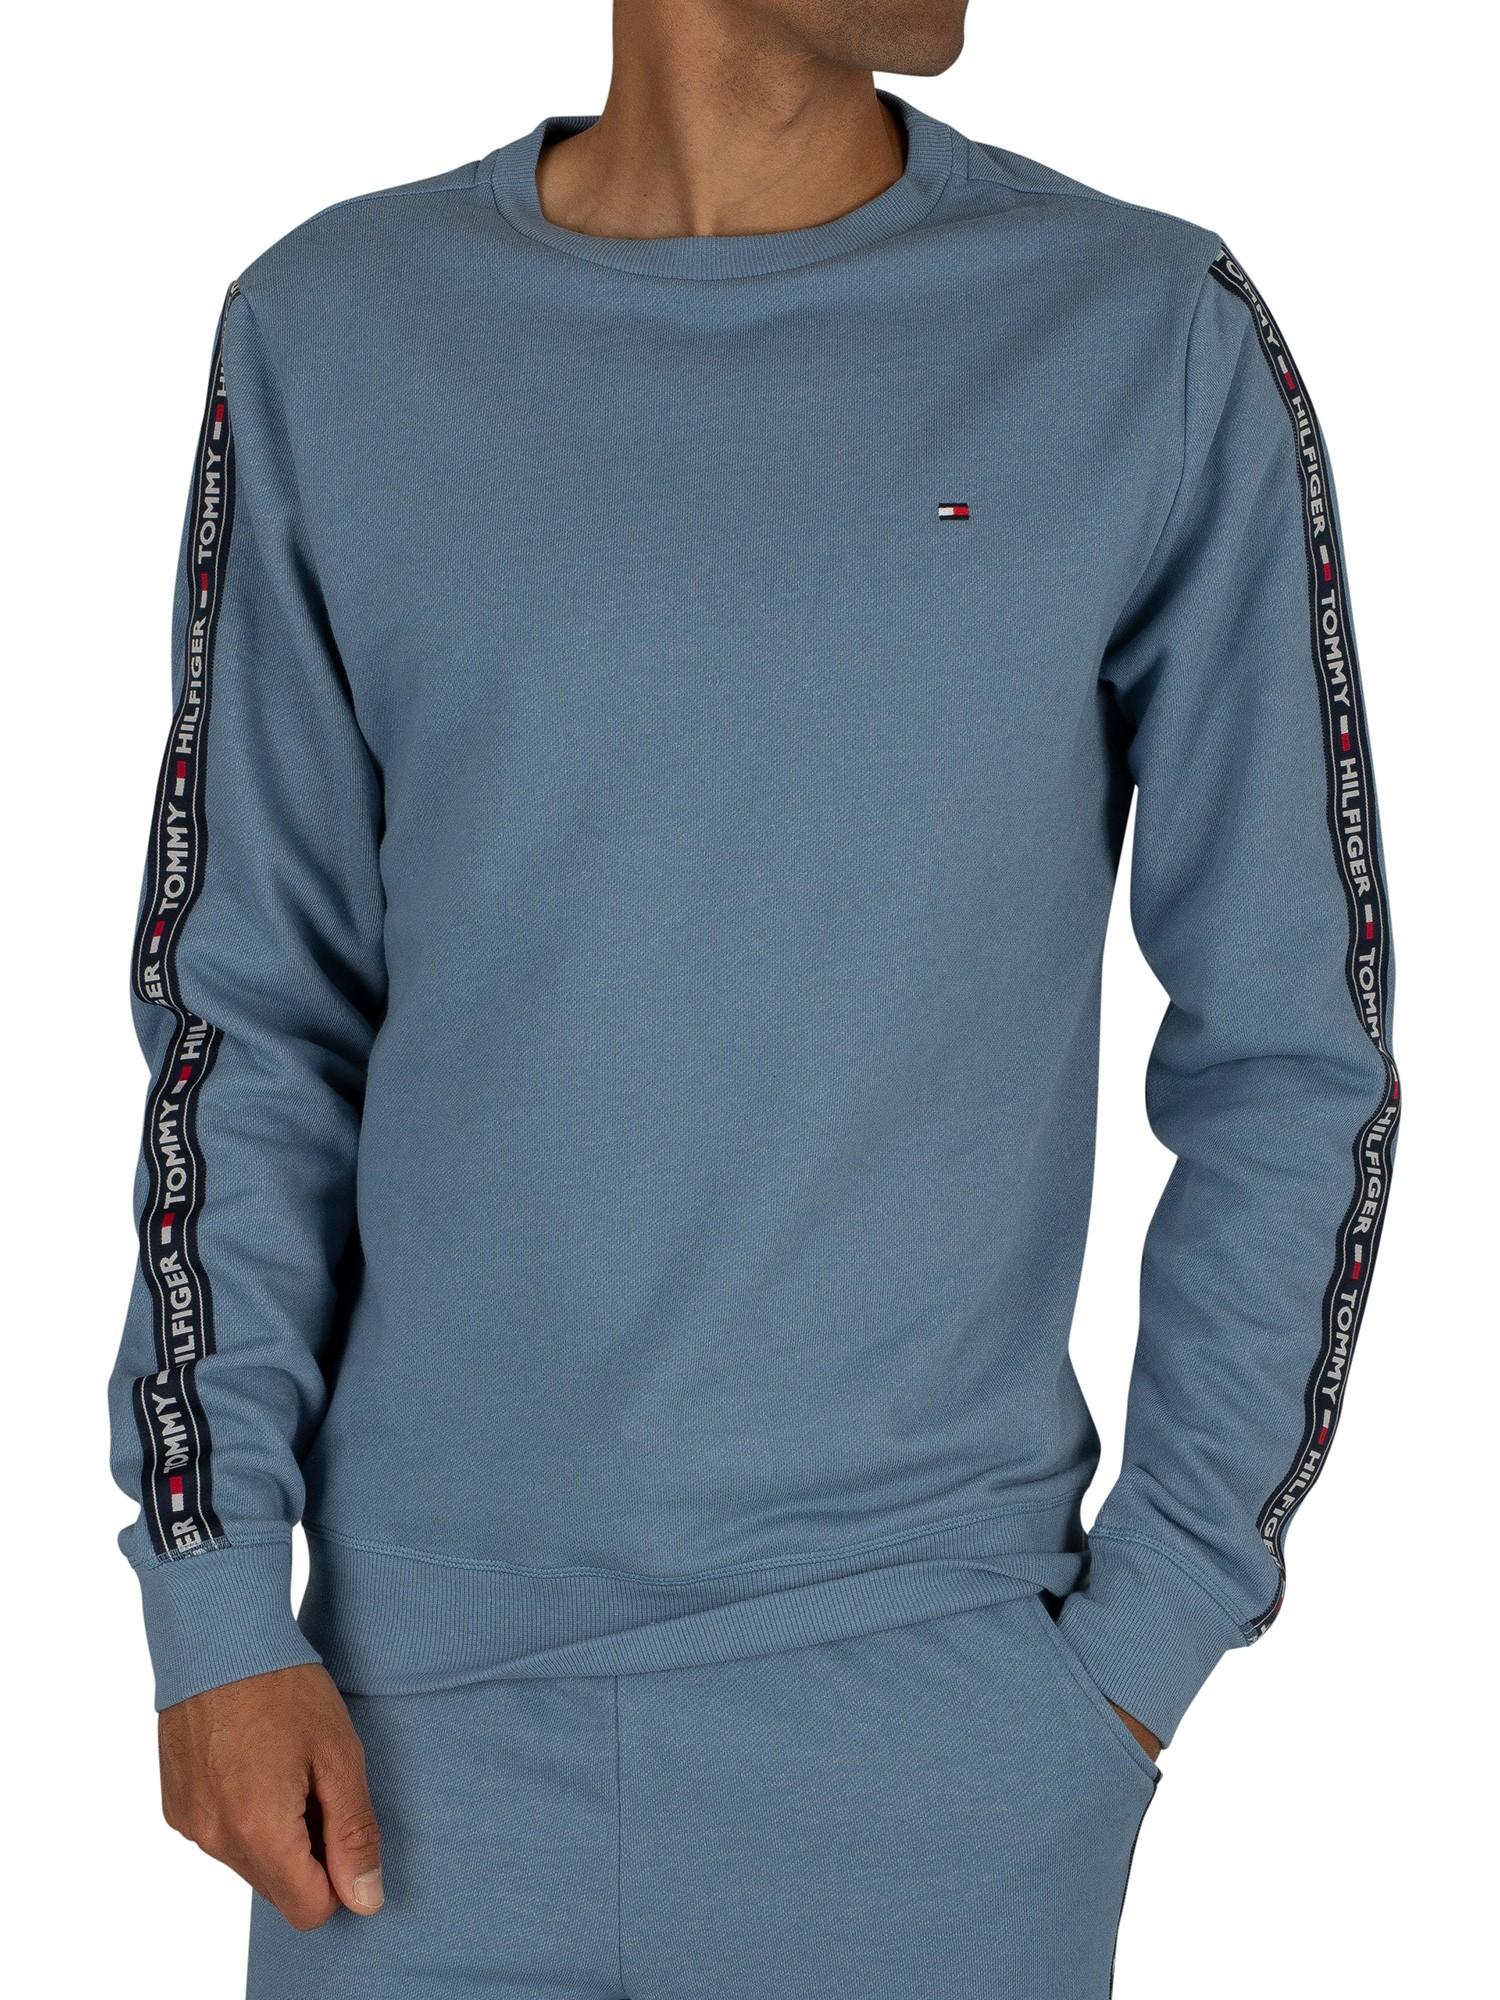 819489d7a Men's Designer Hoodies & Sweatshirts | Standout